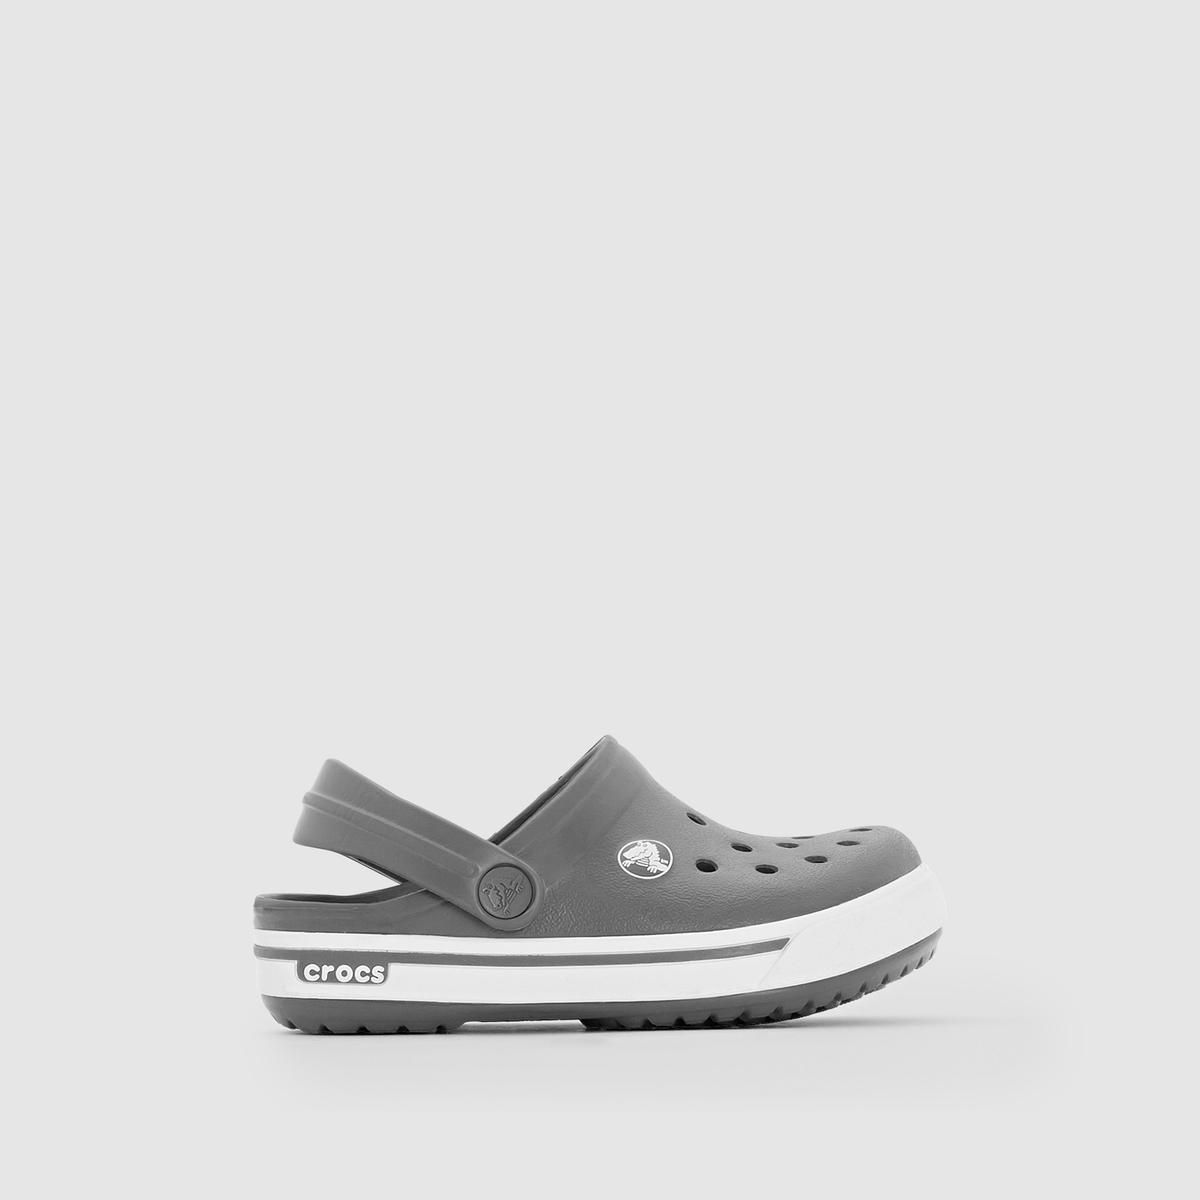 Сабо CROCS CROCBAND II.5 Clog KidsОбновленный стиль и комфорт как всегда на высоте : Новая версия известной модели Crocband™ ! Новый дизайн с промежуточной вставкой в подошву в спортивном стиле , совершенная система вентиляции носка, ремешок сзади из материала Croslite™ для лучшей поддержки стопы, устойчивость к влаге (они ультралегкие и невесомые ! ) … Настоящая обувь от CROCBAND II .5 Clog Kids, обновленная версия Crocband™, которые придутся по вкусу нашим детям !<br><br>Цвет: серый,темно-синий